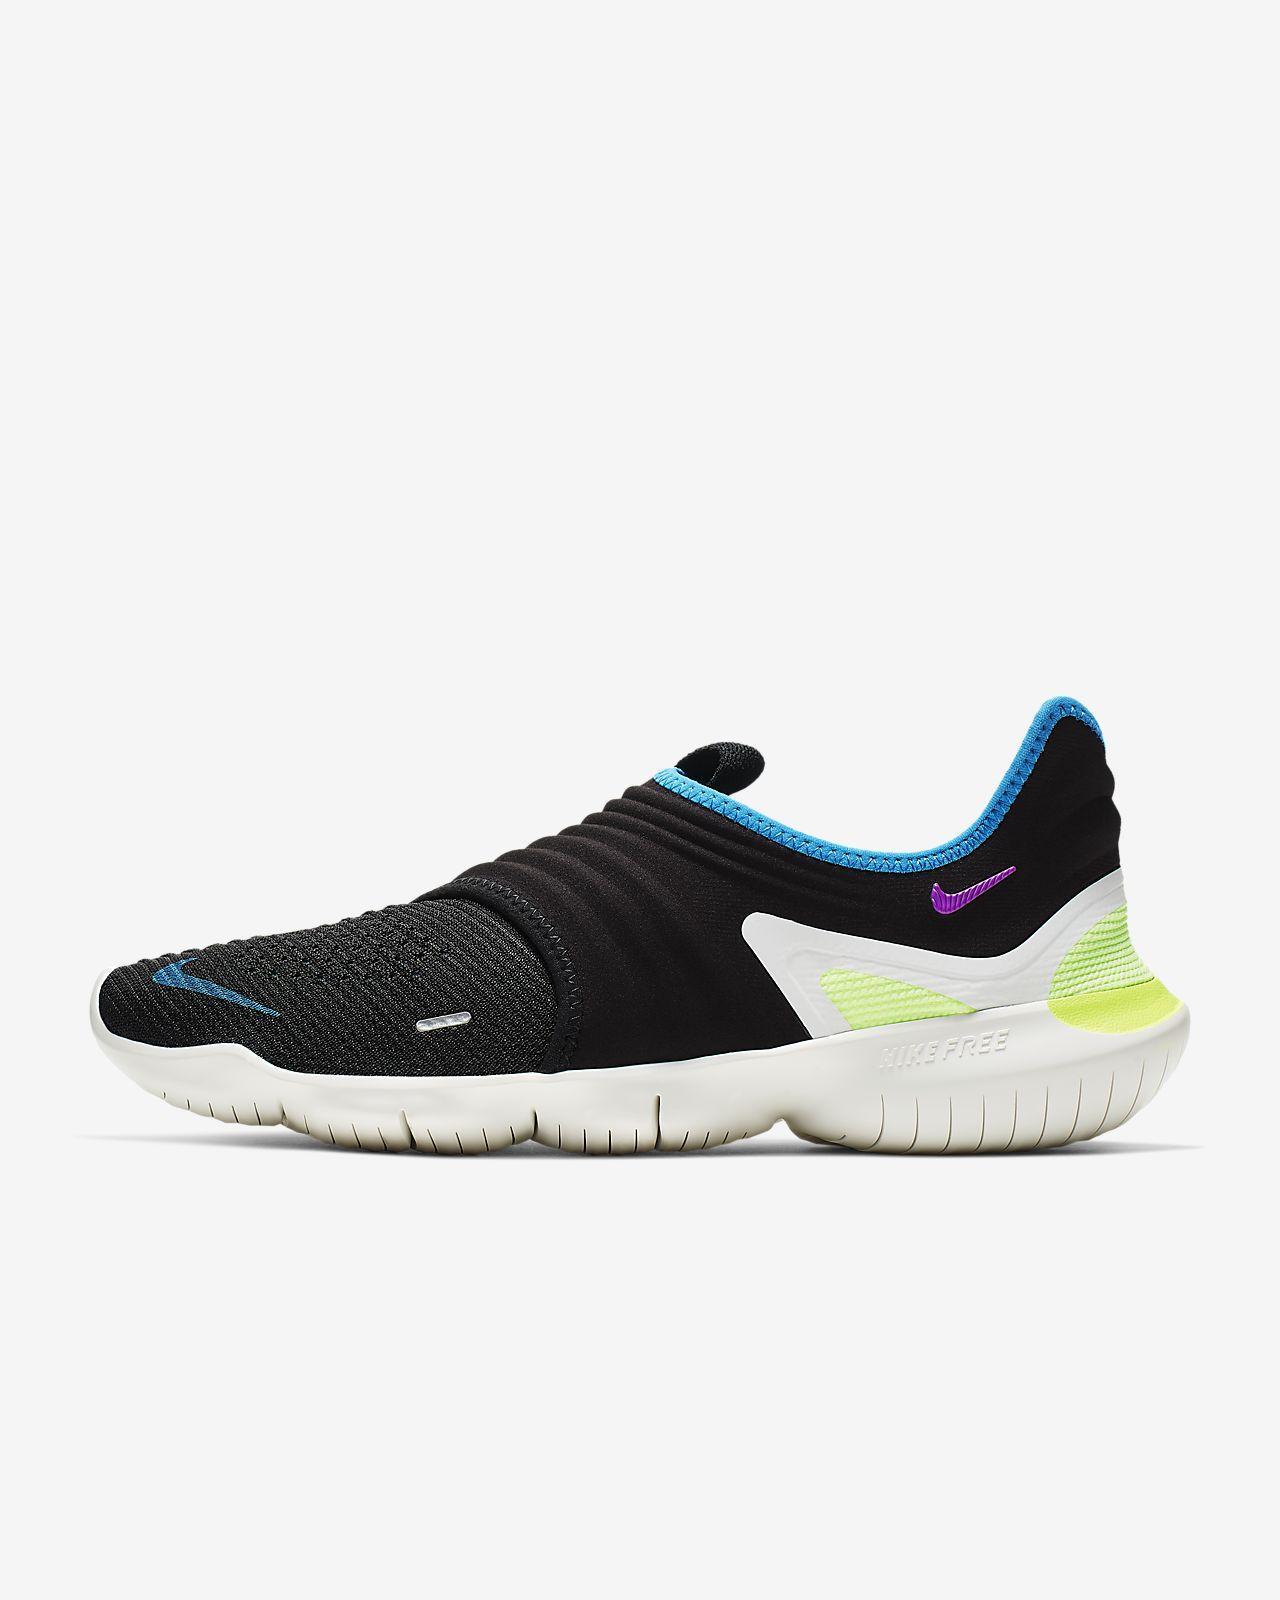 Löparsko Nike Free RN Flyknit 3.0 för män